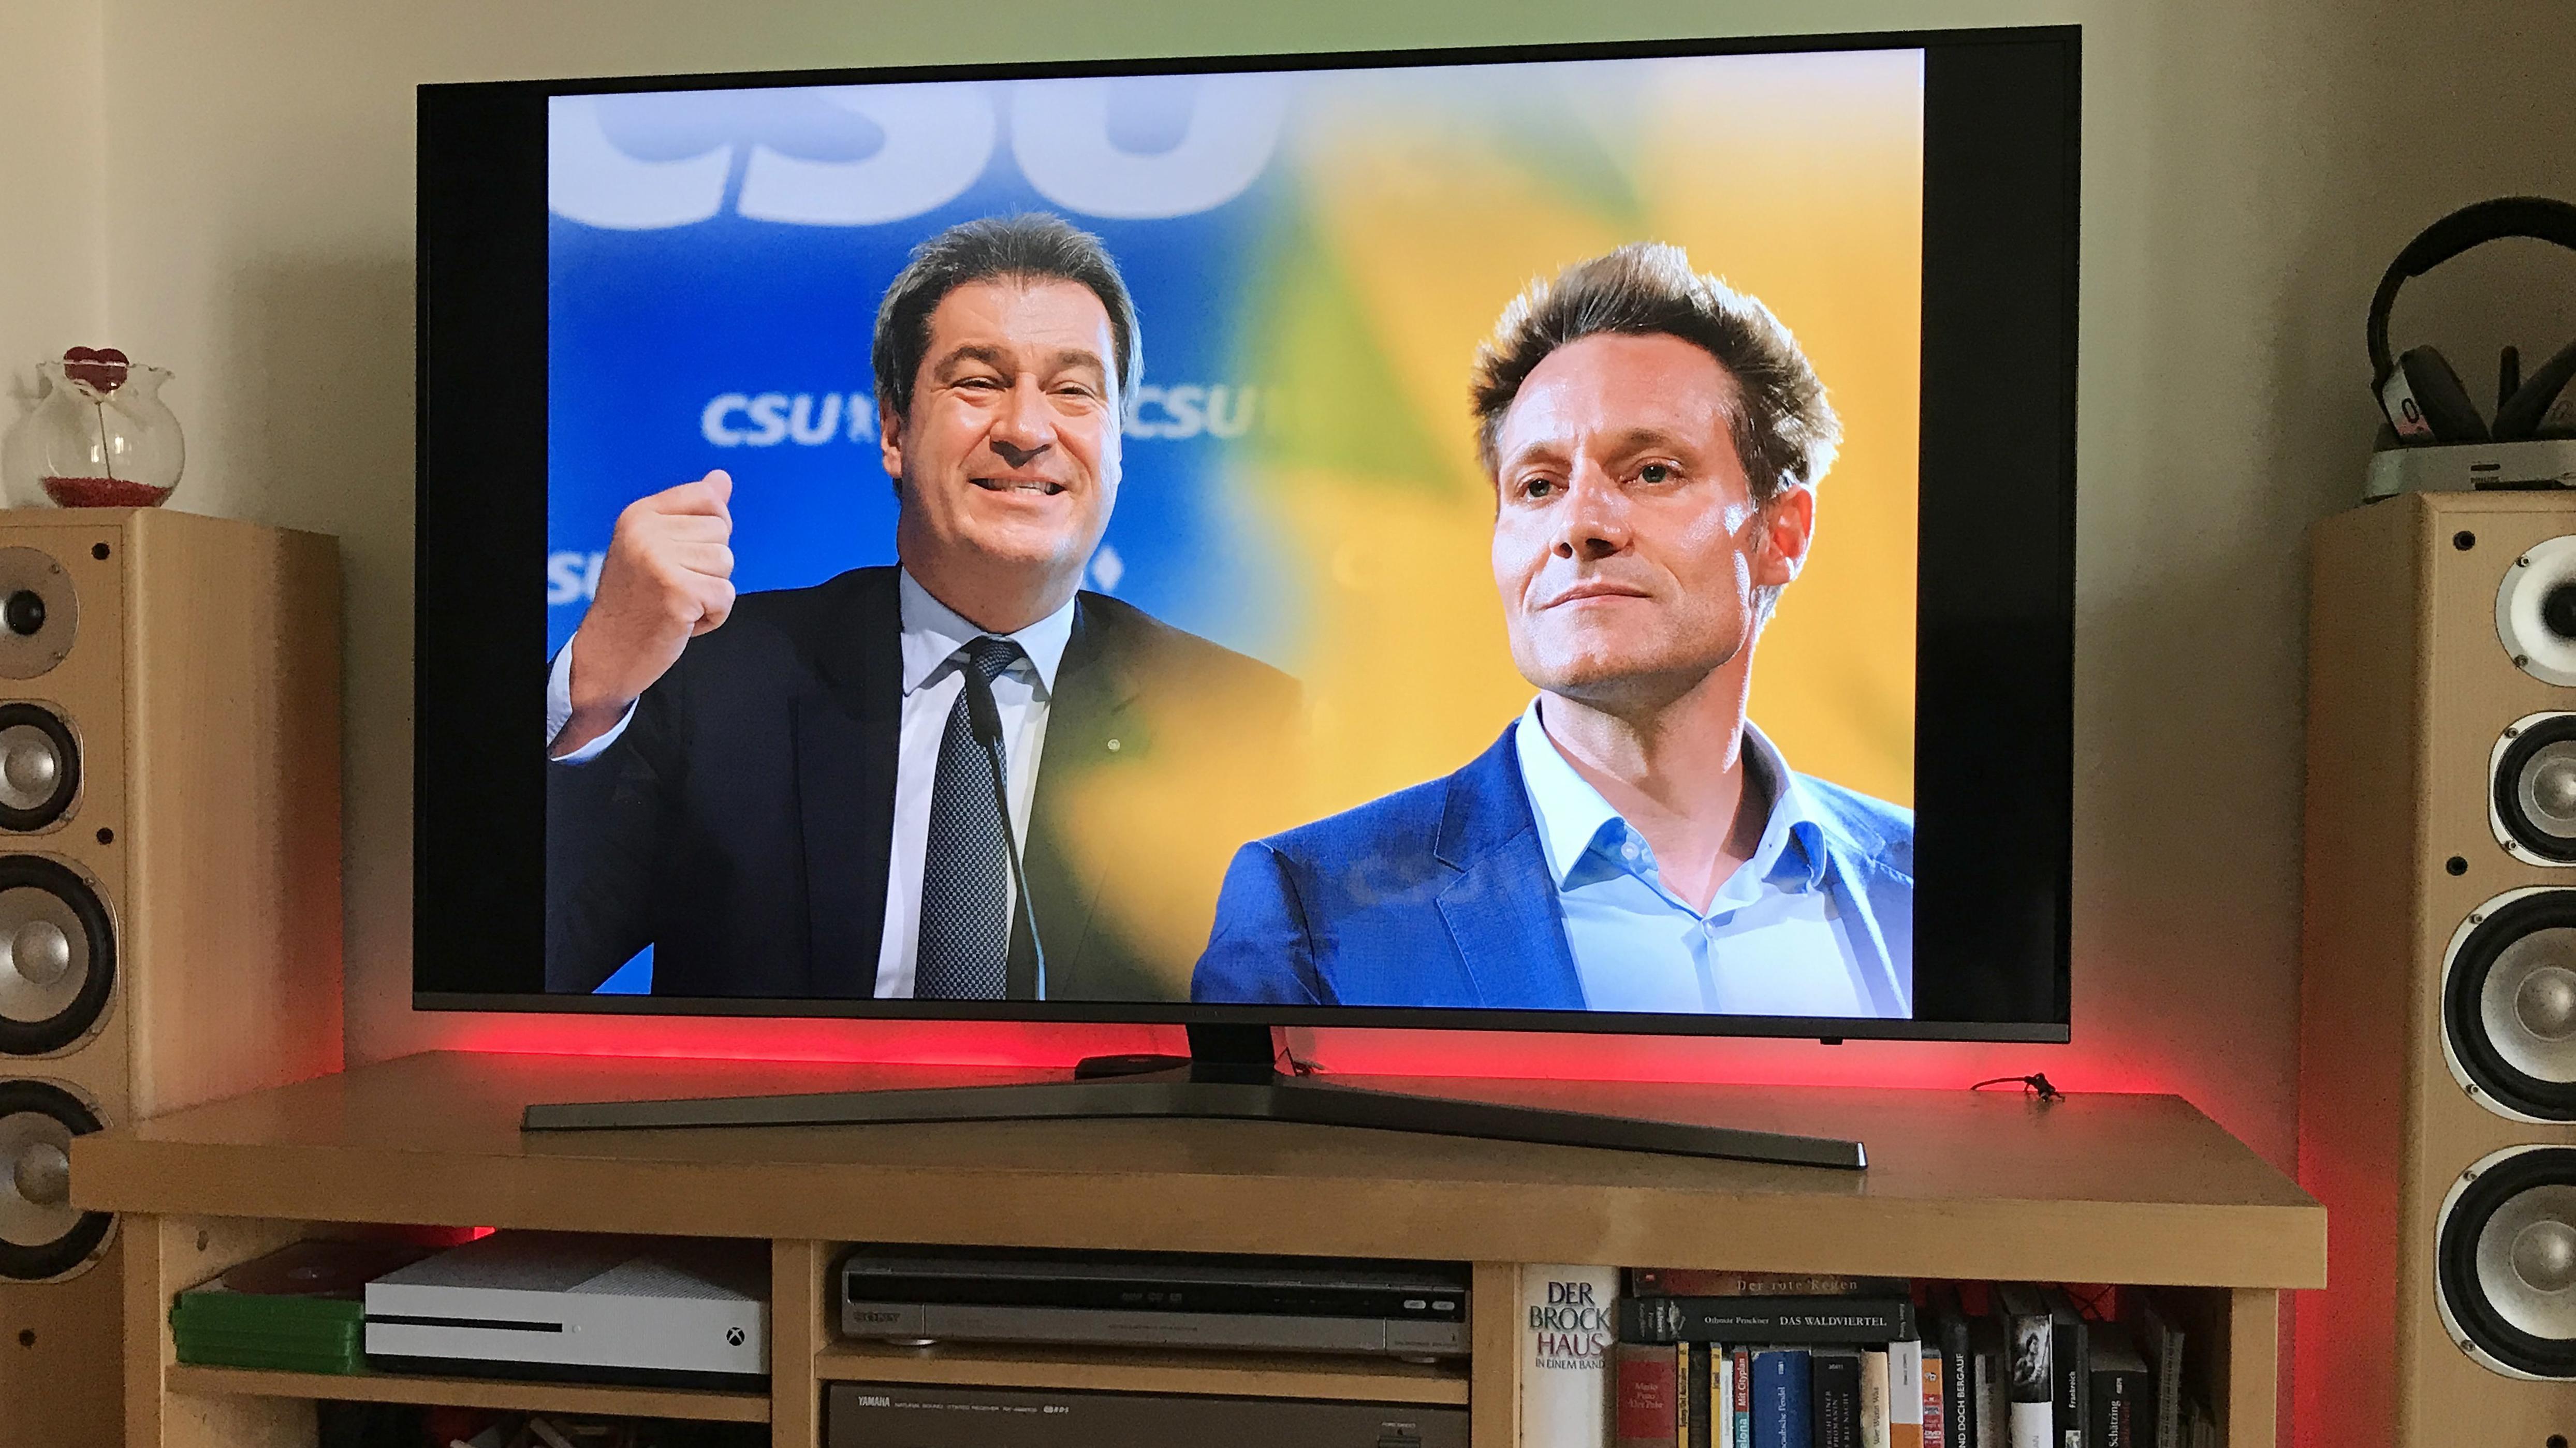 Anhänger von CSU und Grünen wollen den Schlagabtausch beim Public Viewing verfolgen